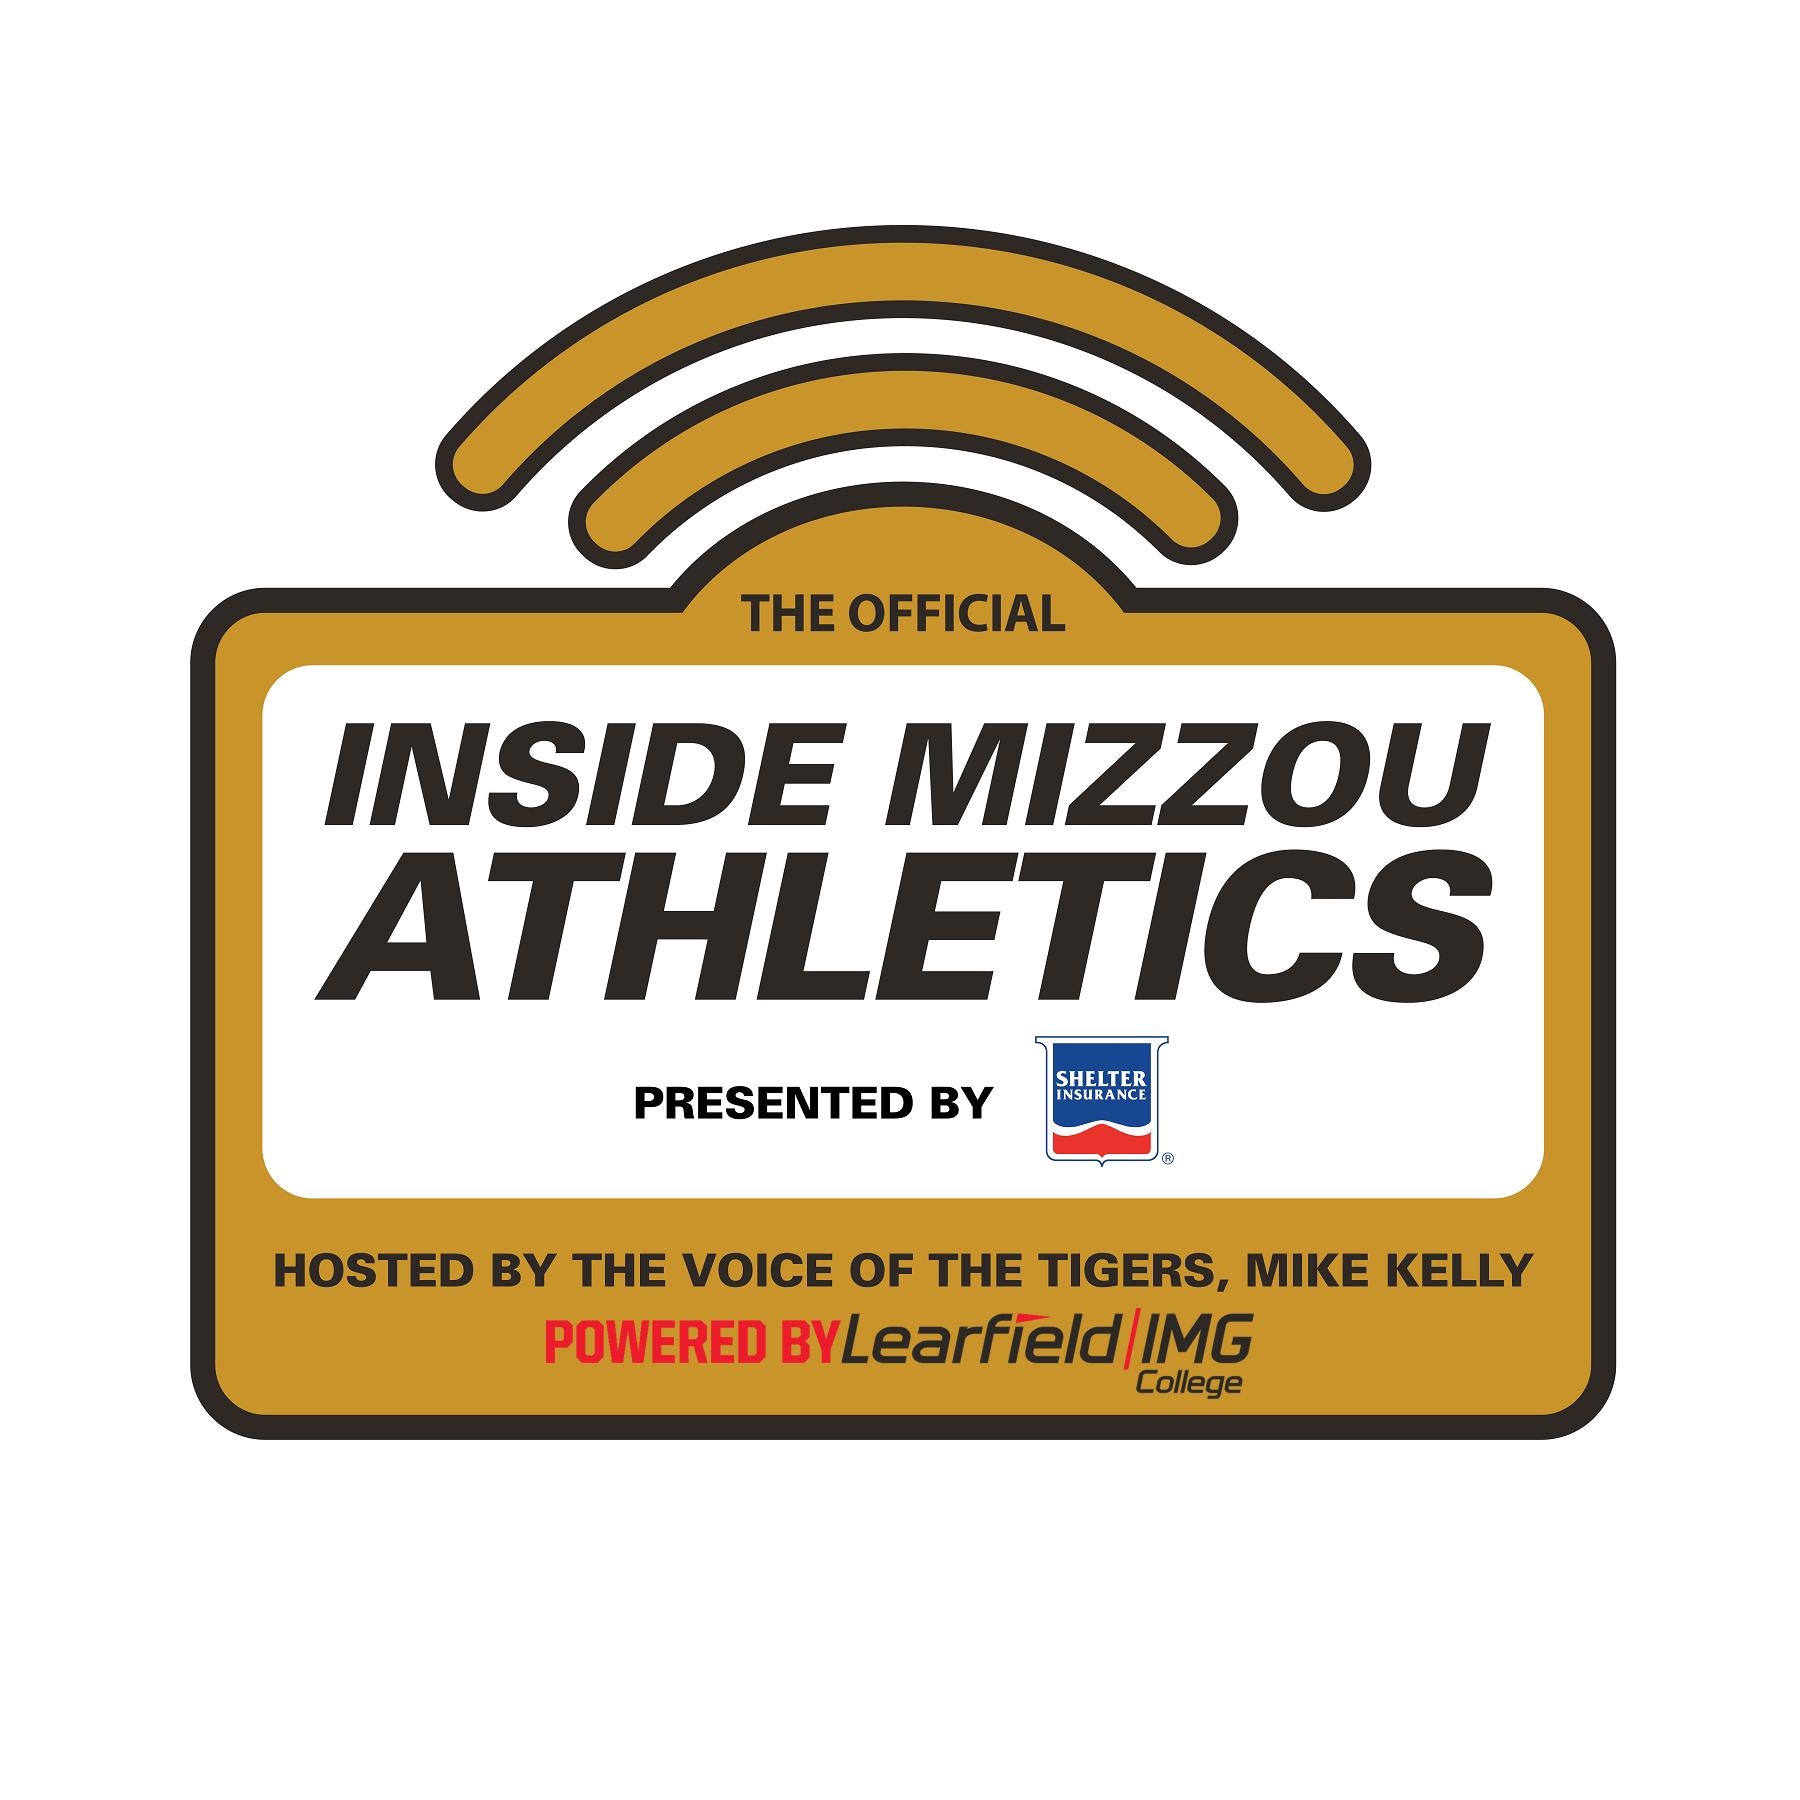 Inside Mizzou Athletics